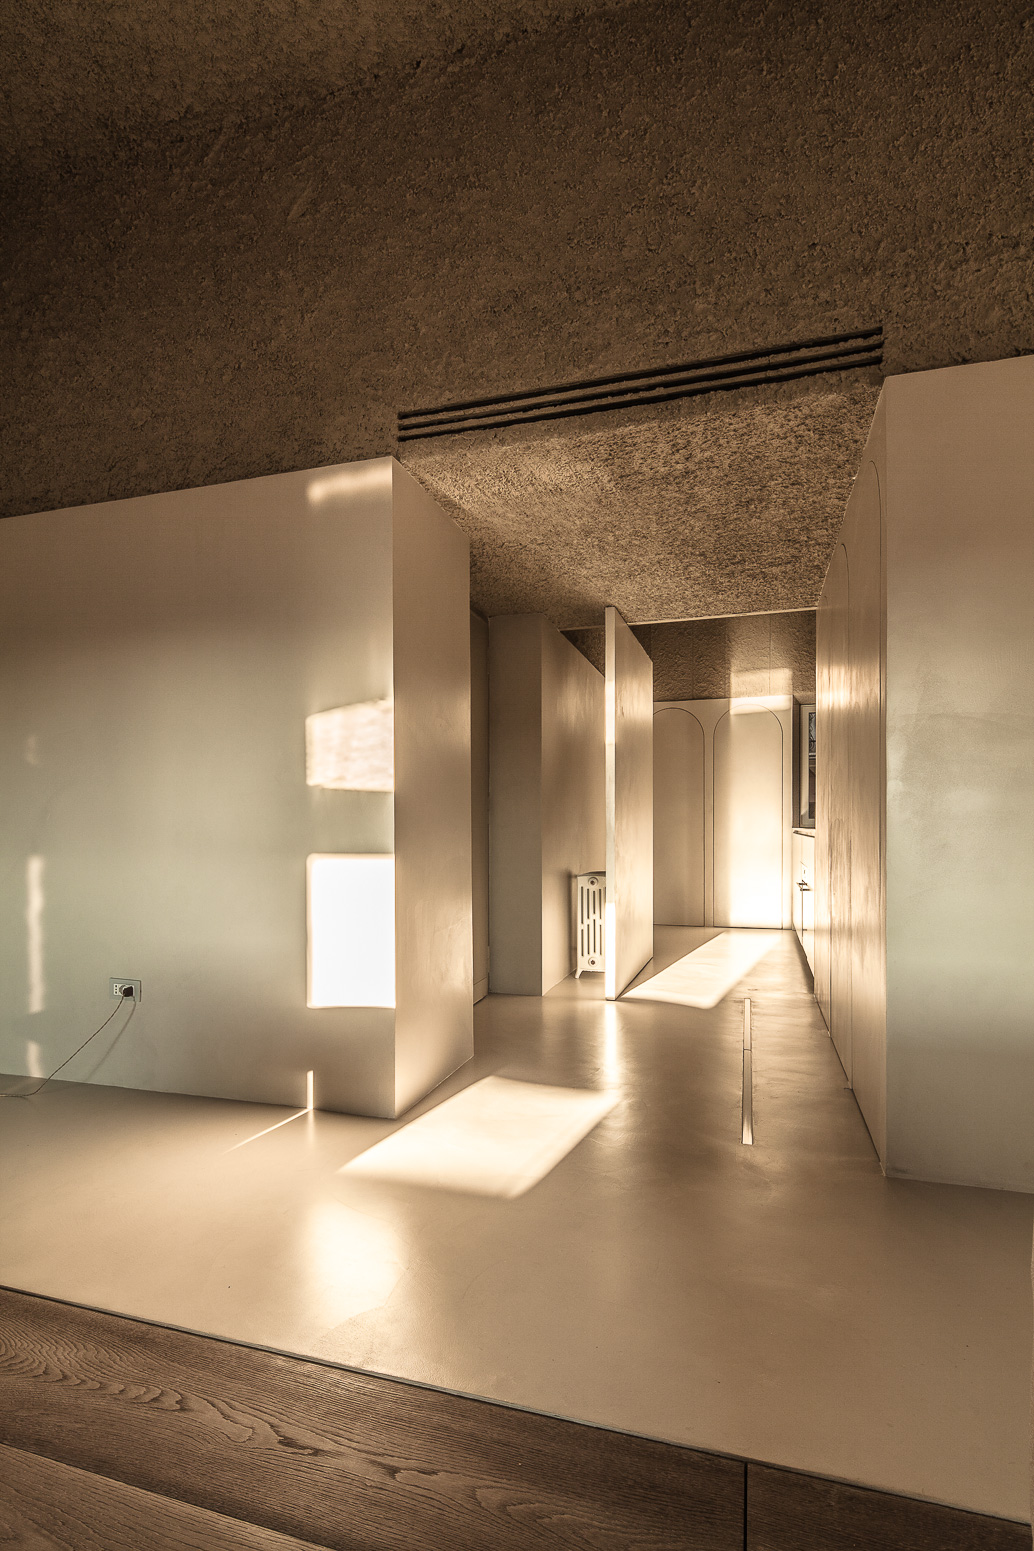 La casa della polvere - design@large - Blog - Repubblica.it